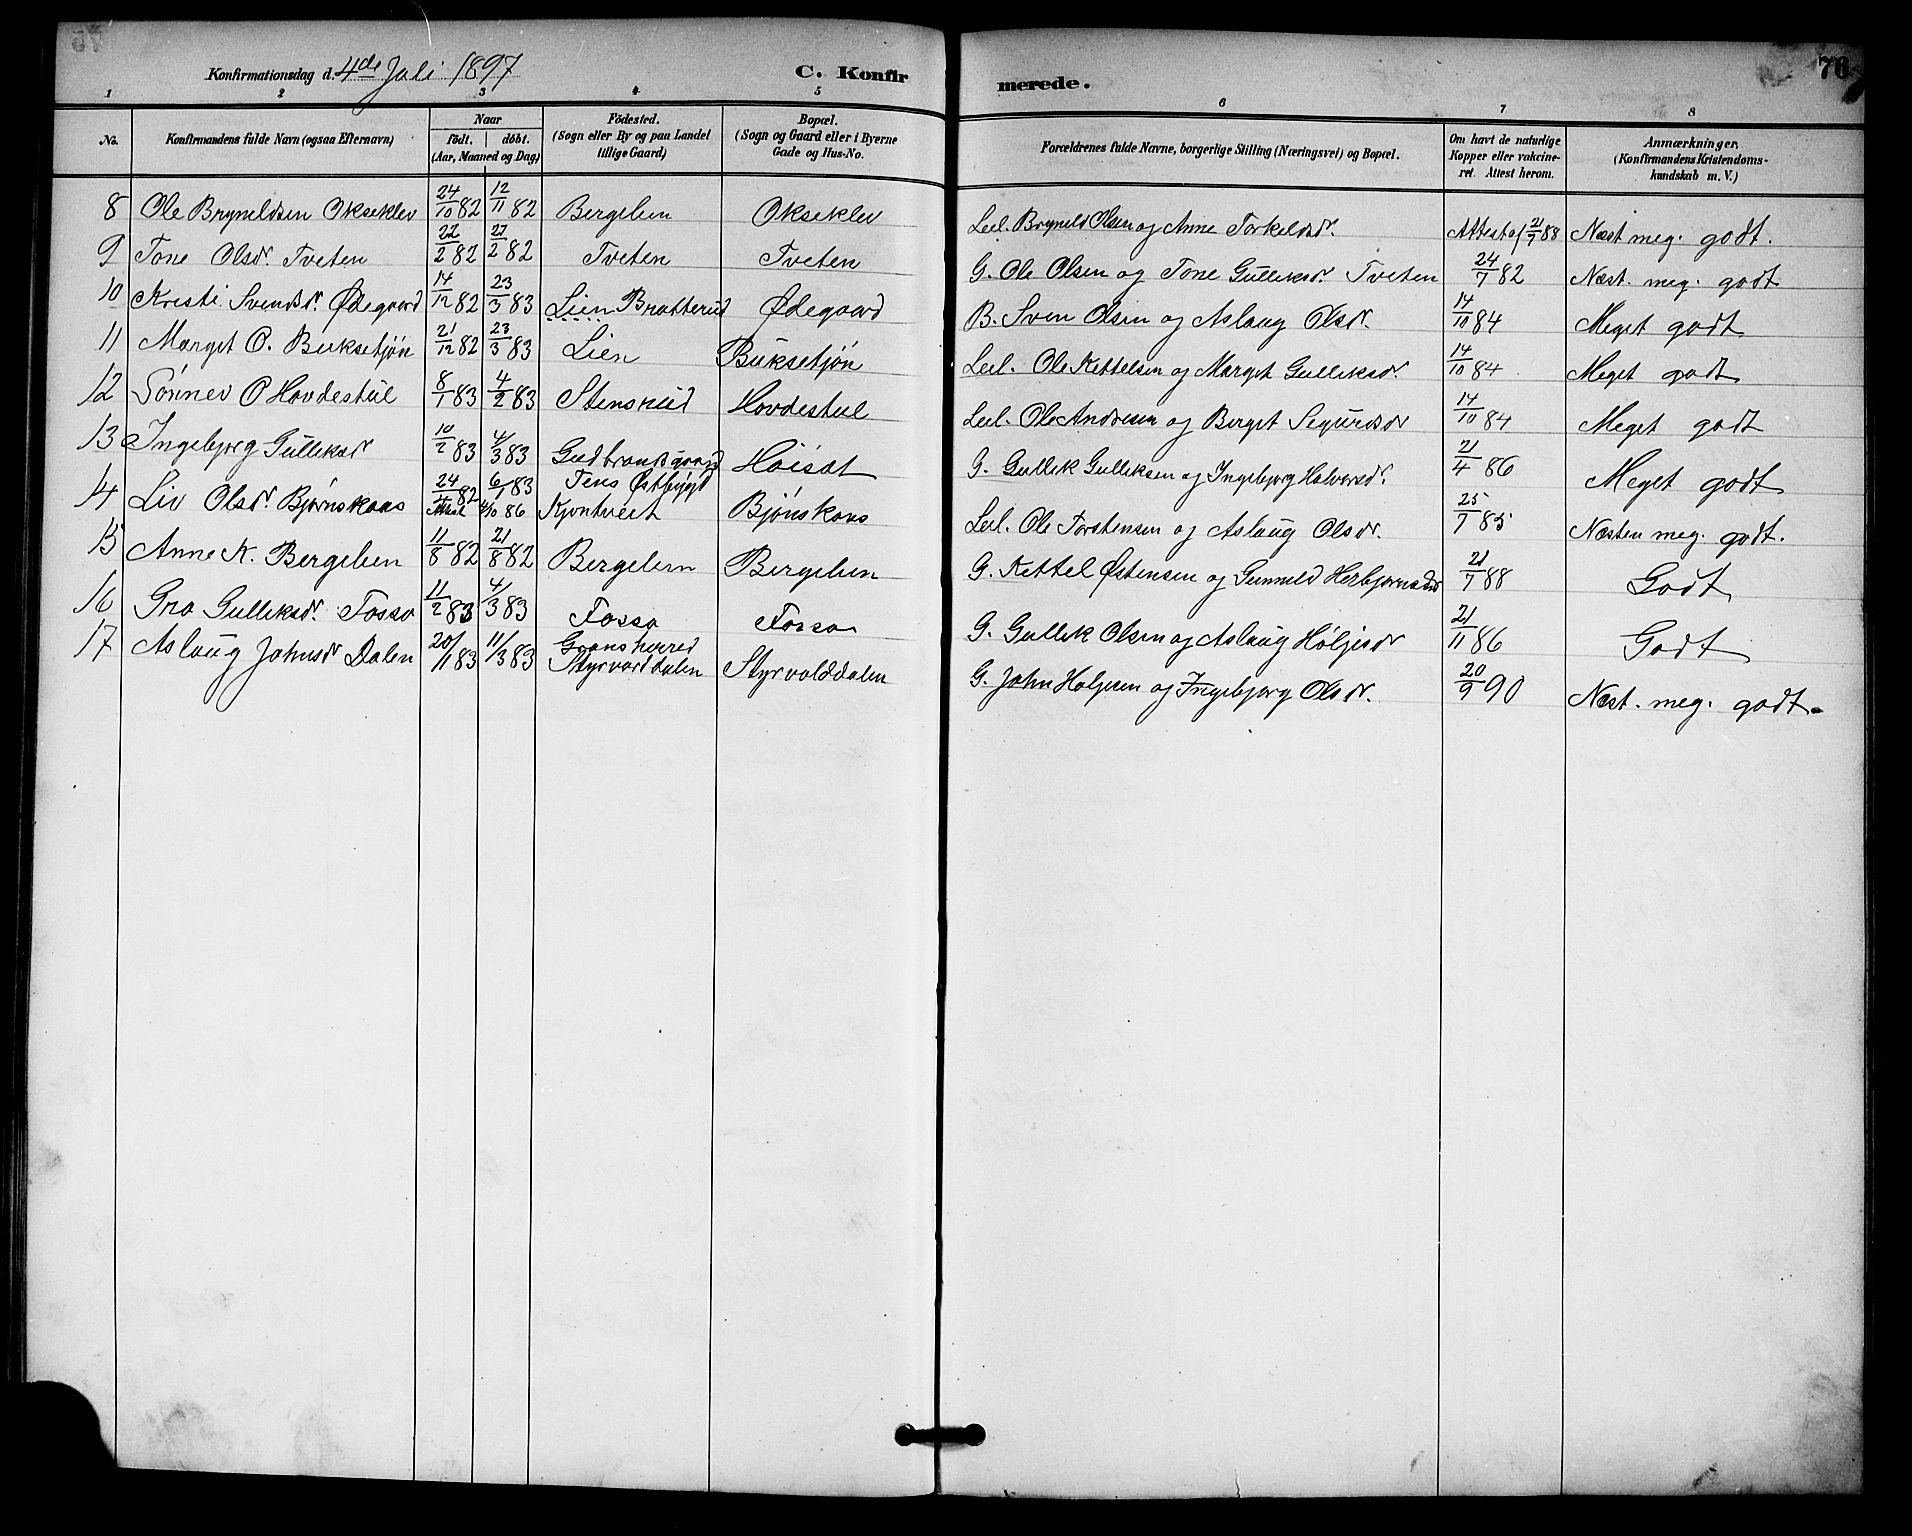 SAKO, Gransherad kirkebøker, G/Gb/L0003: Klokkerbok nr. II 3, 1887-1921, s. 76